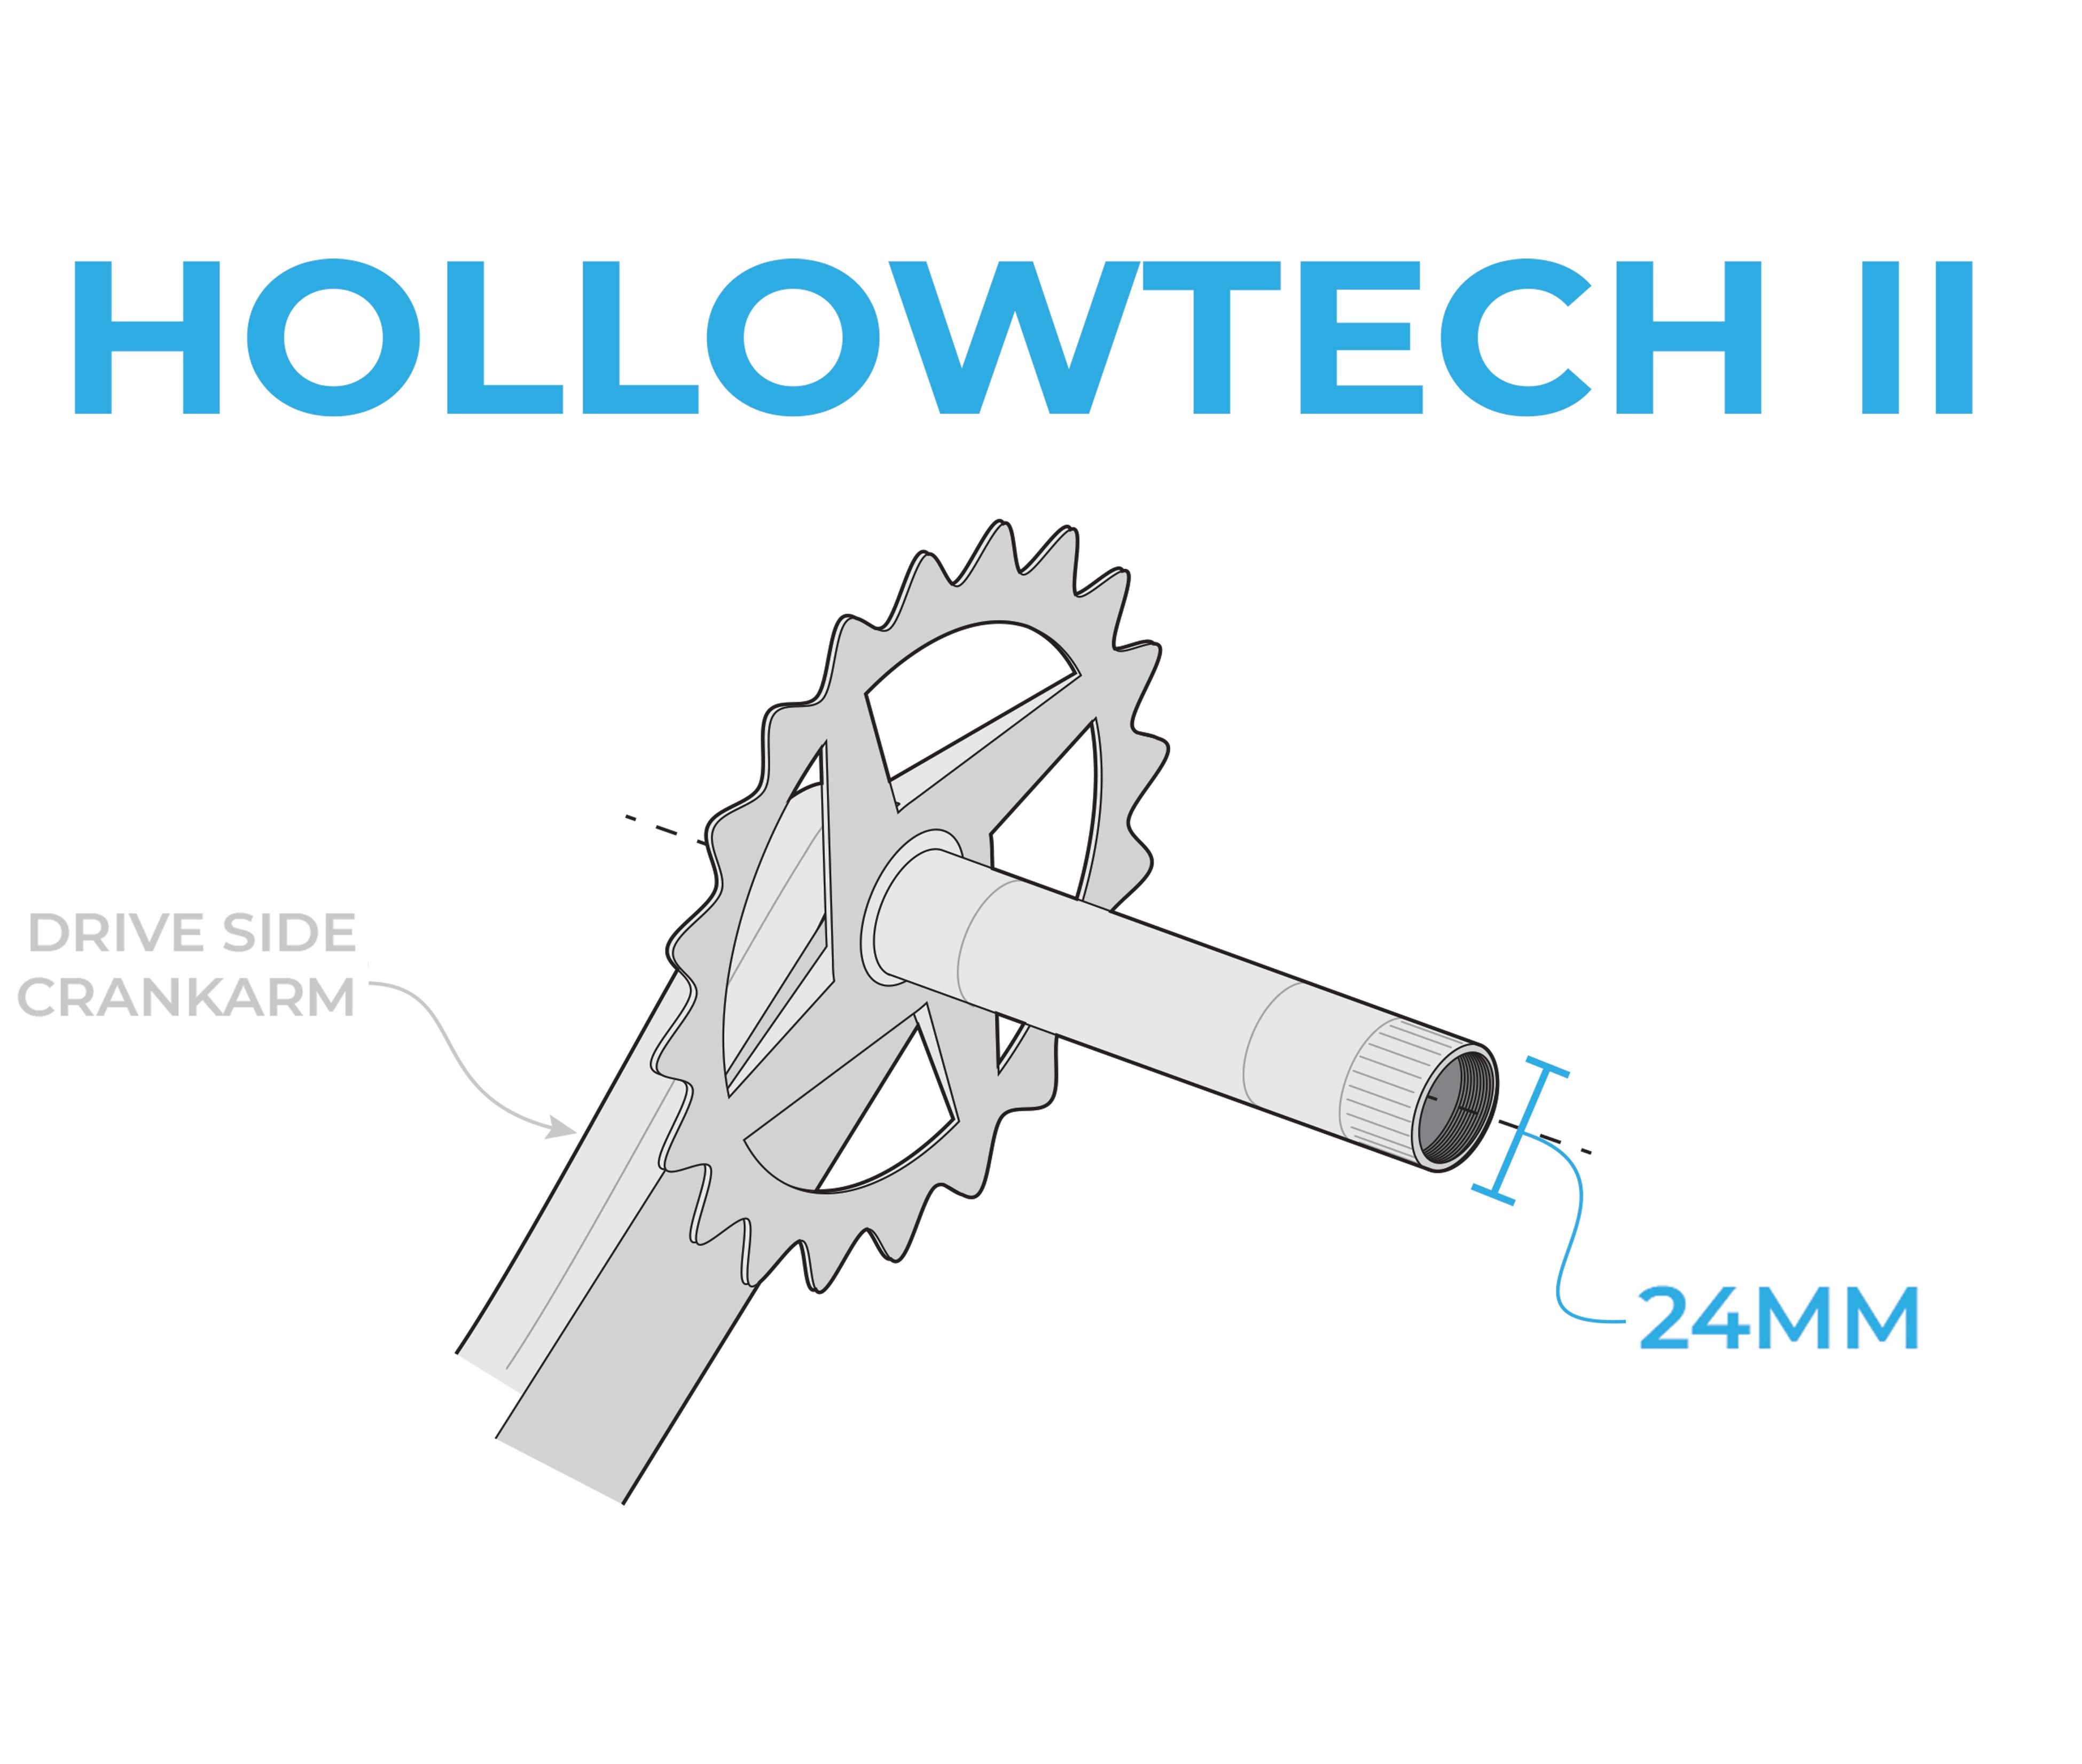 HollowTech II